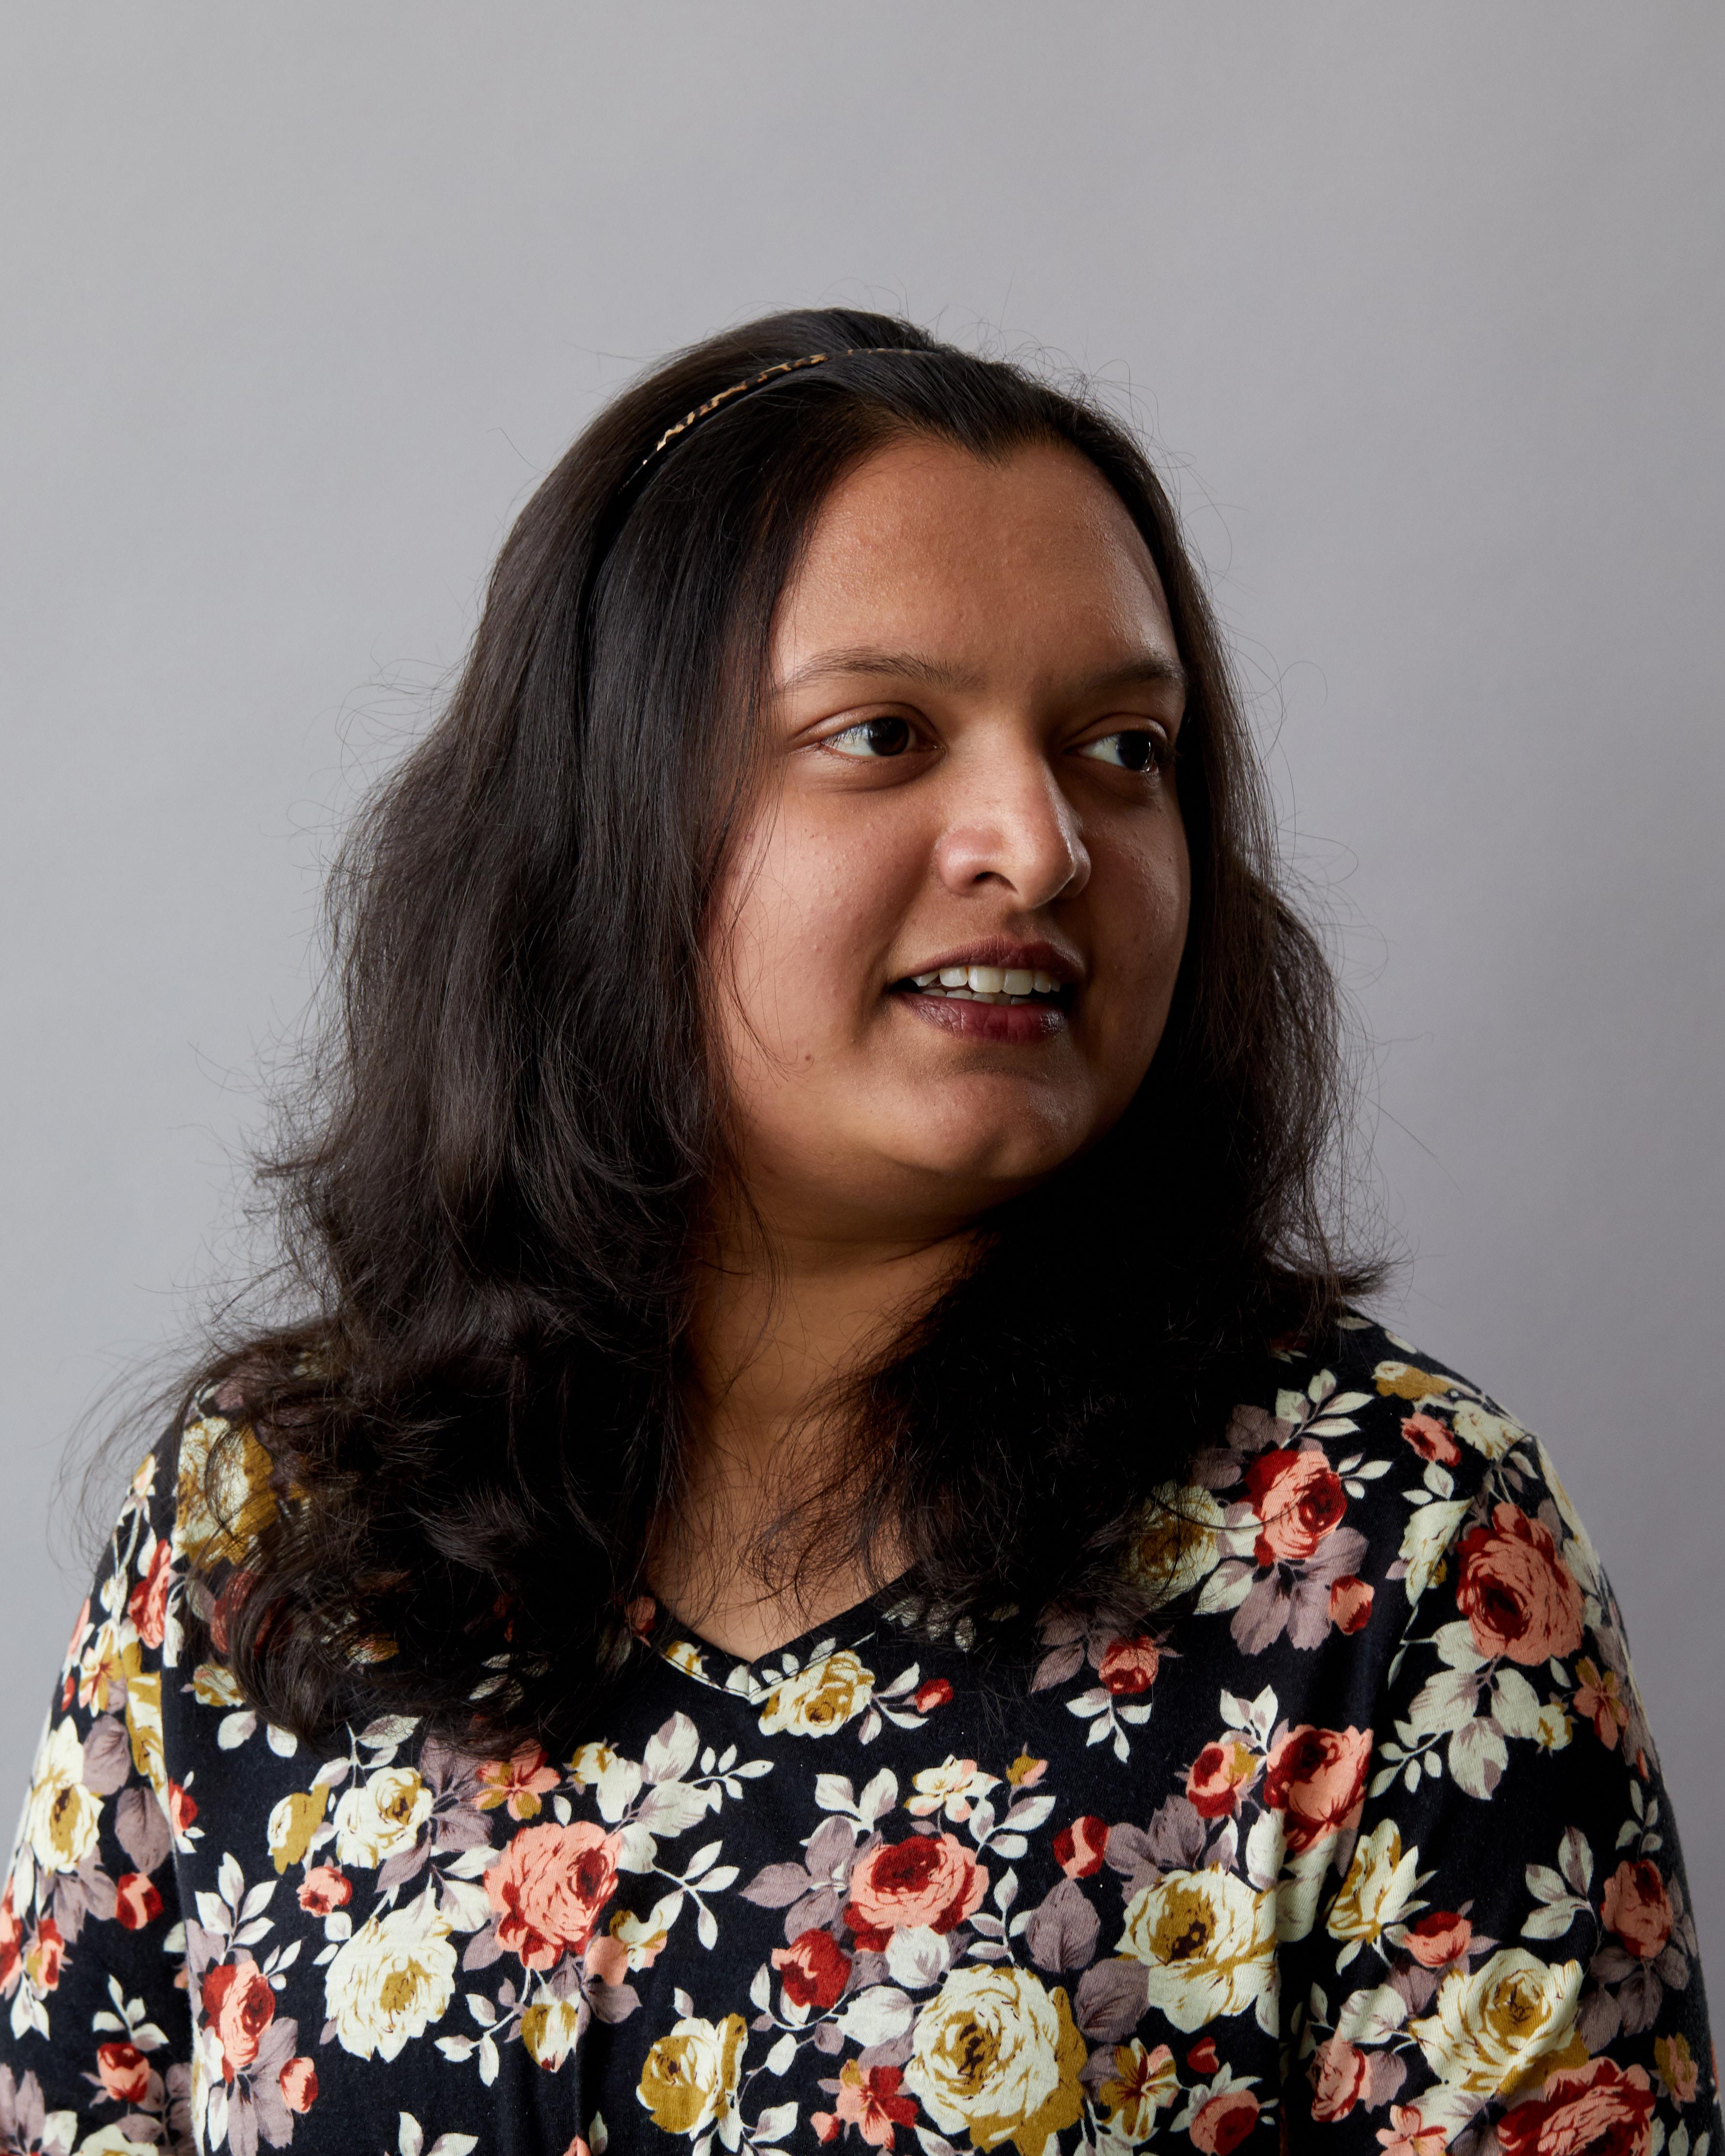 Parimala Shivaprasad